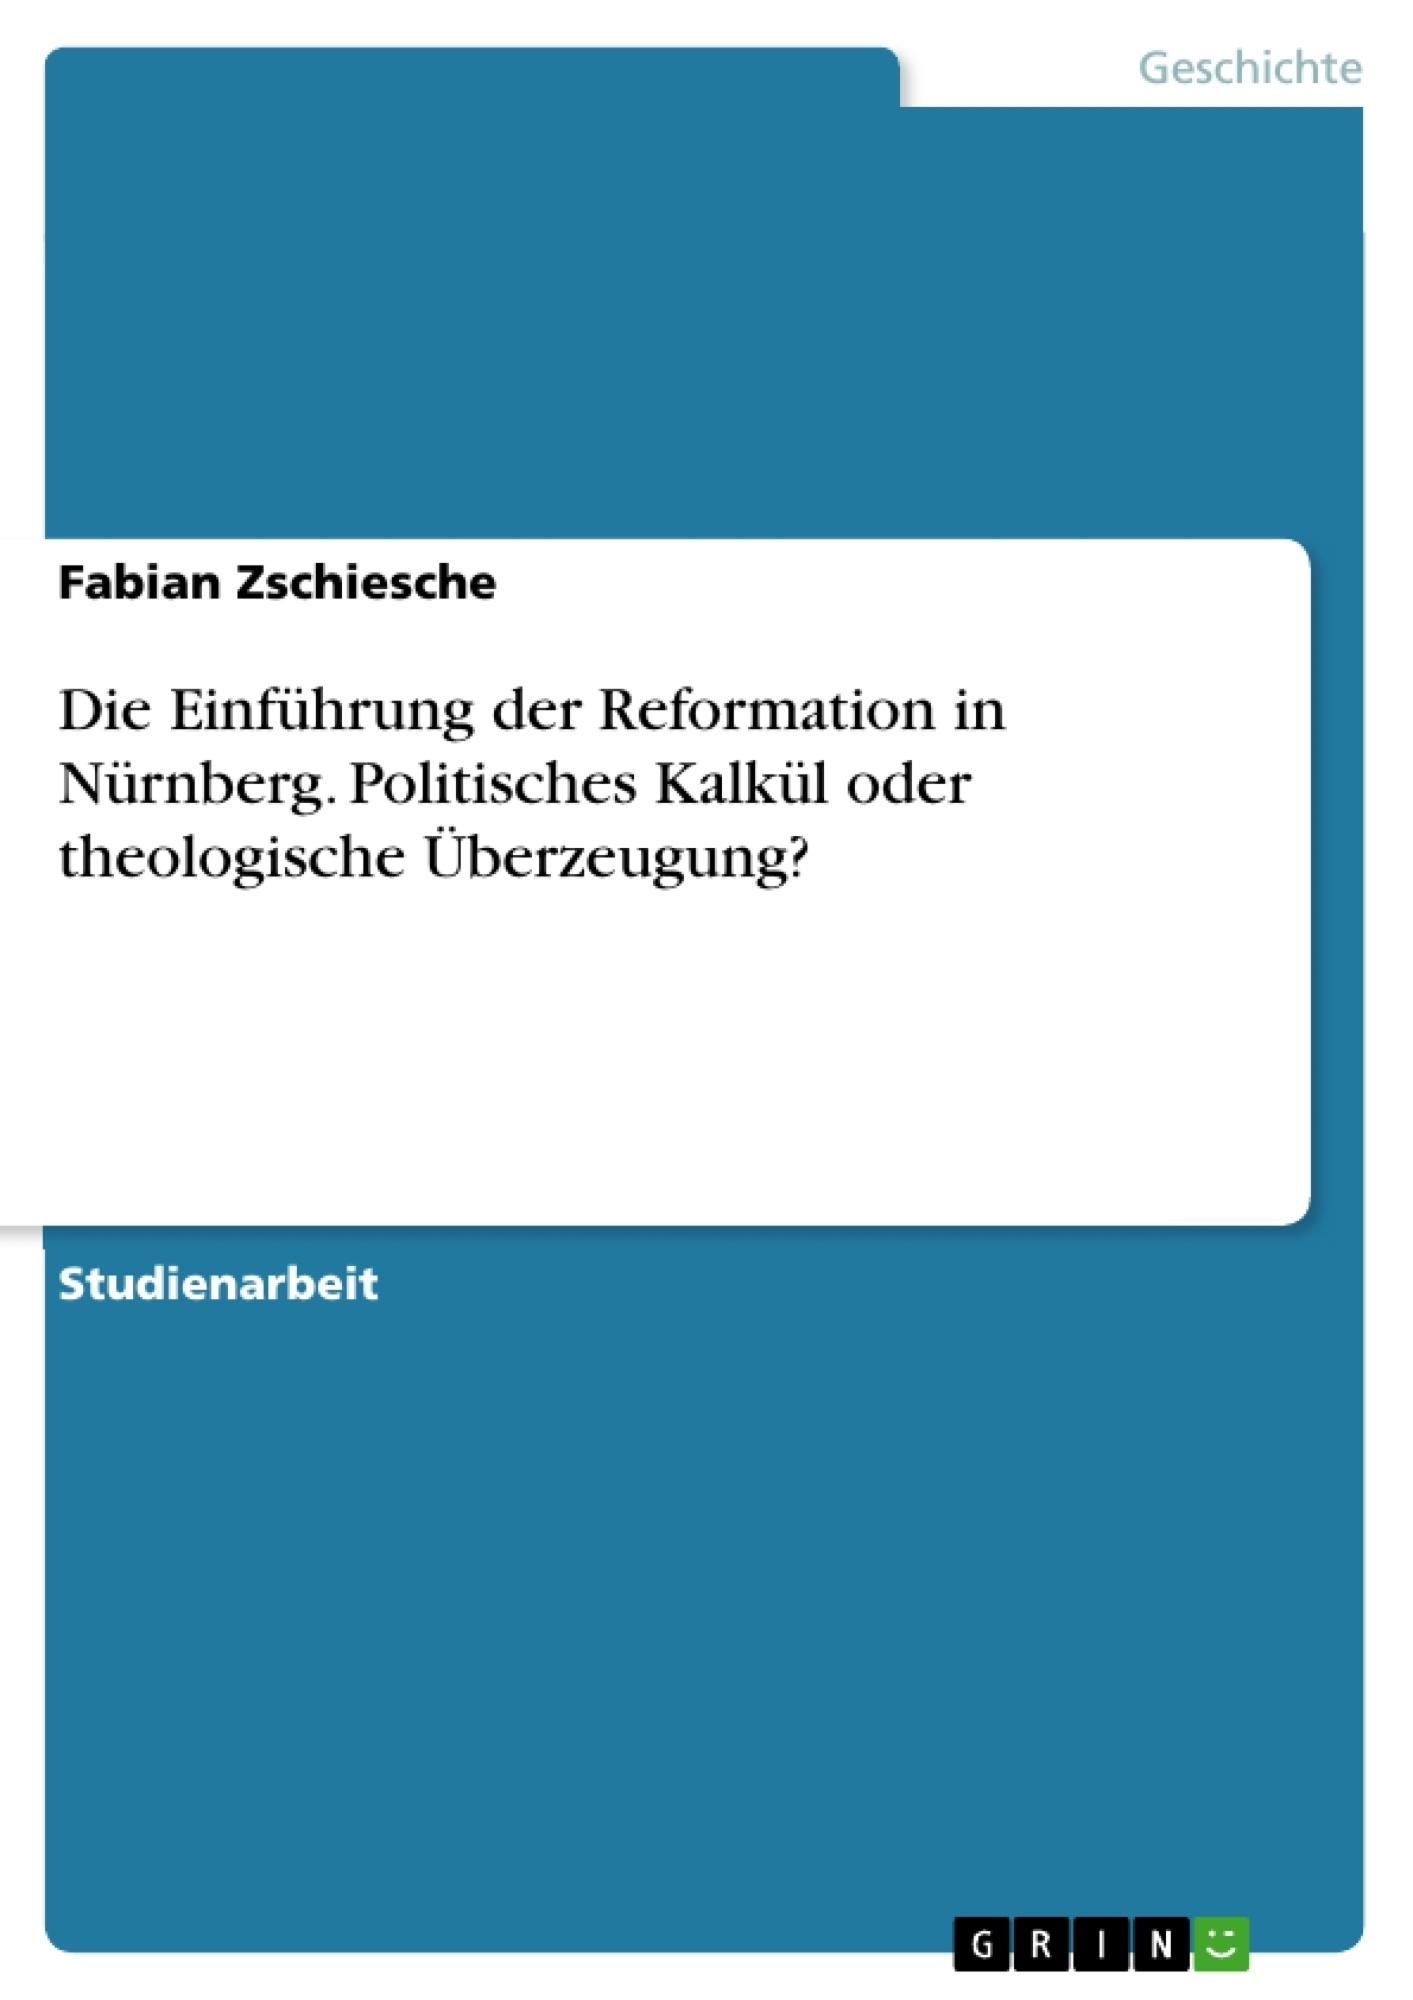 Titel: Die Einführung der Reformation in Nürnberg. Politisches Kalkül oder theologische Überzeugung?